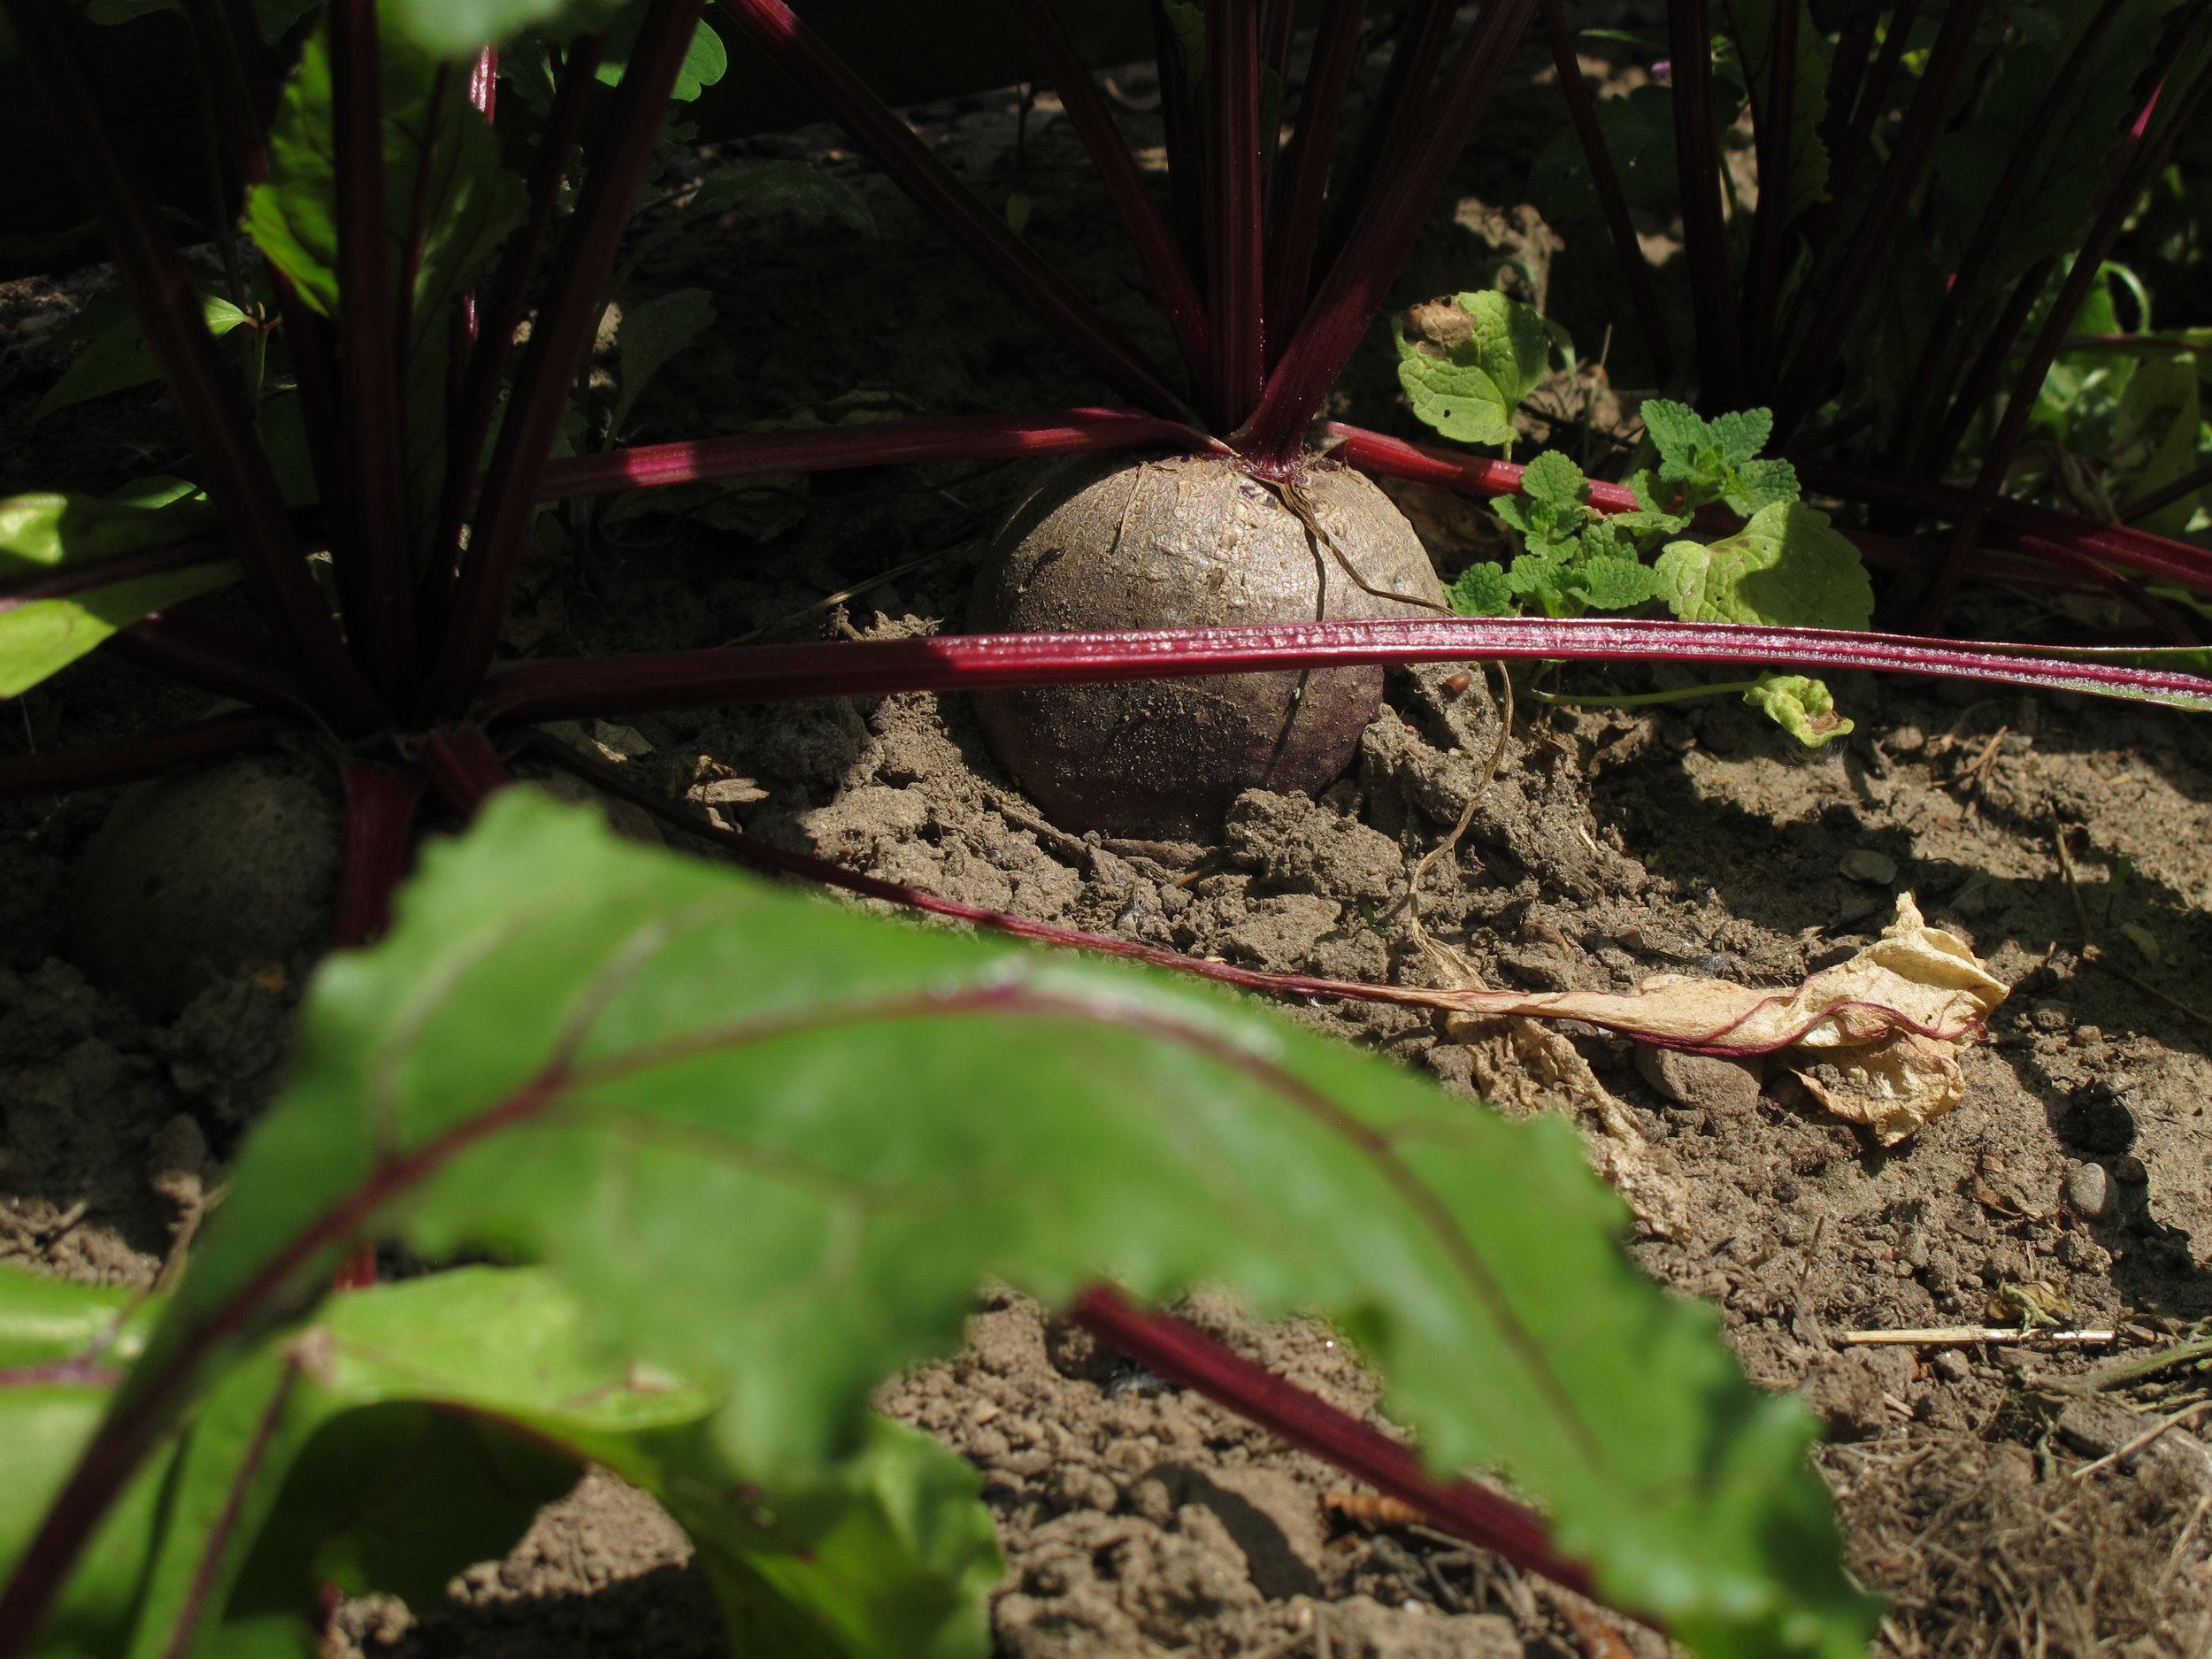 De her rødbeder vil vanvittigt gerne høstes nu, men de må vente for jeg har allerede en kilo liggende, der venter på at blive til rødbederelish.